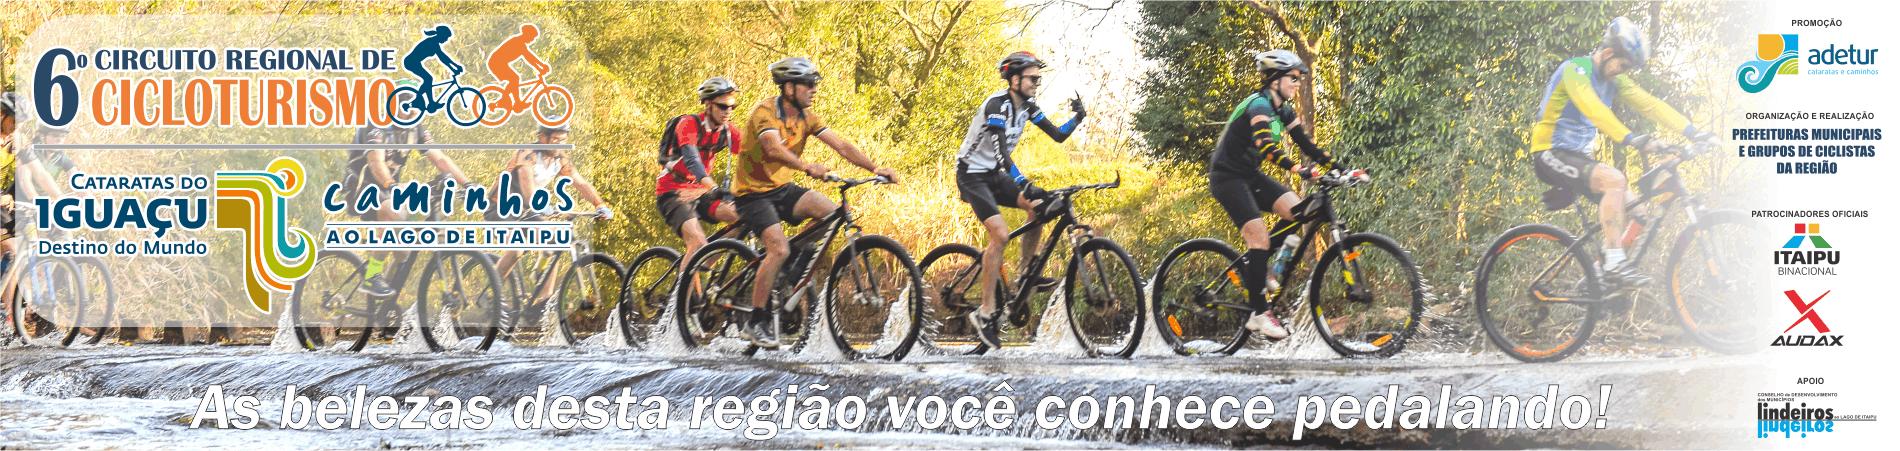 6ª edição Circuito Regional de Cicloturismo - Etapa MEDIANEIRA - Imagem de topo